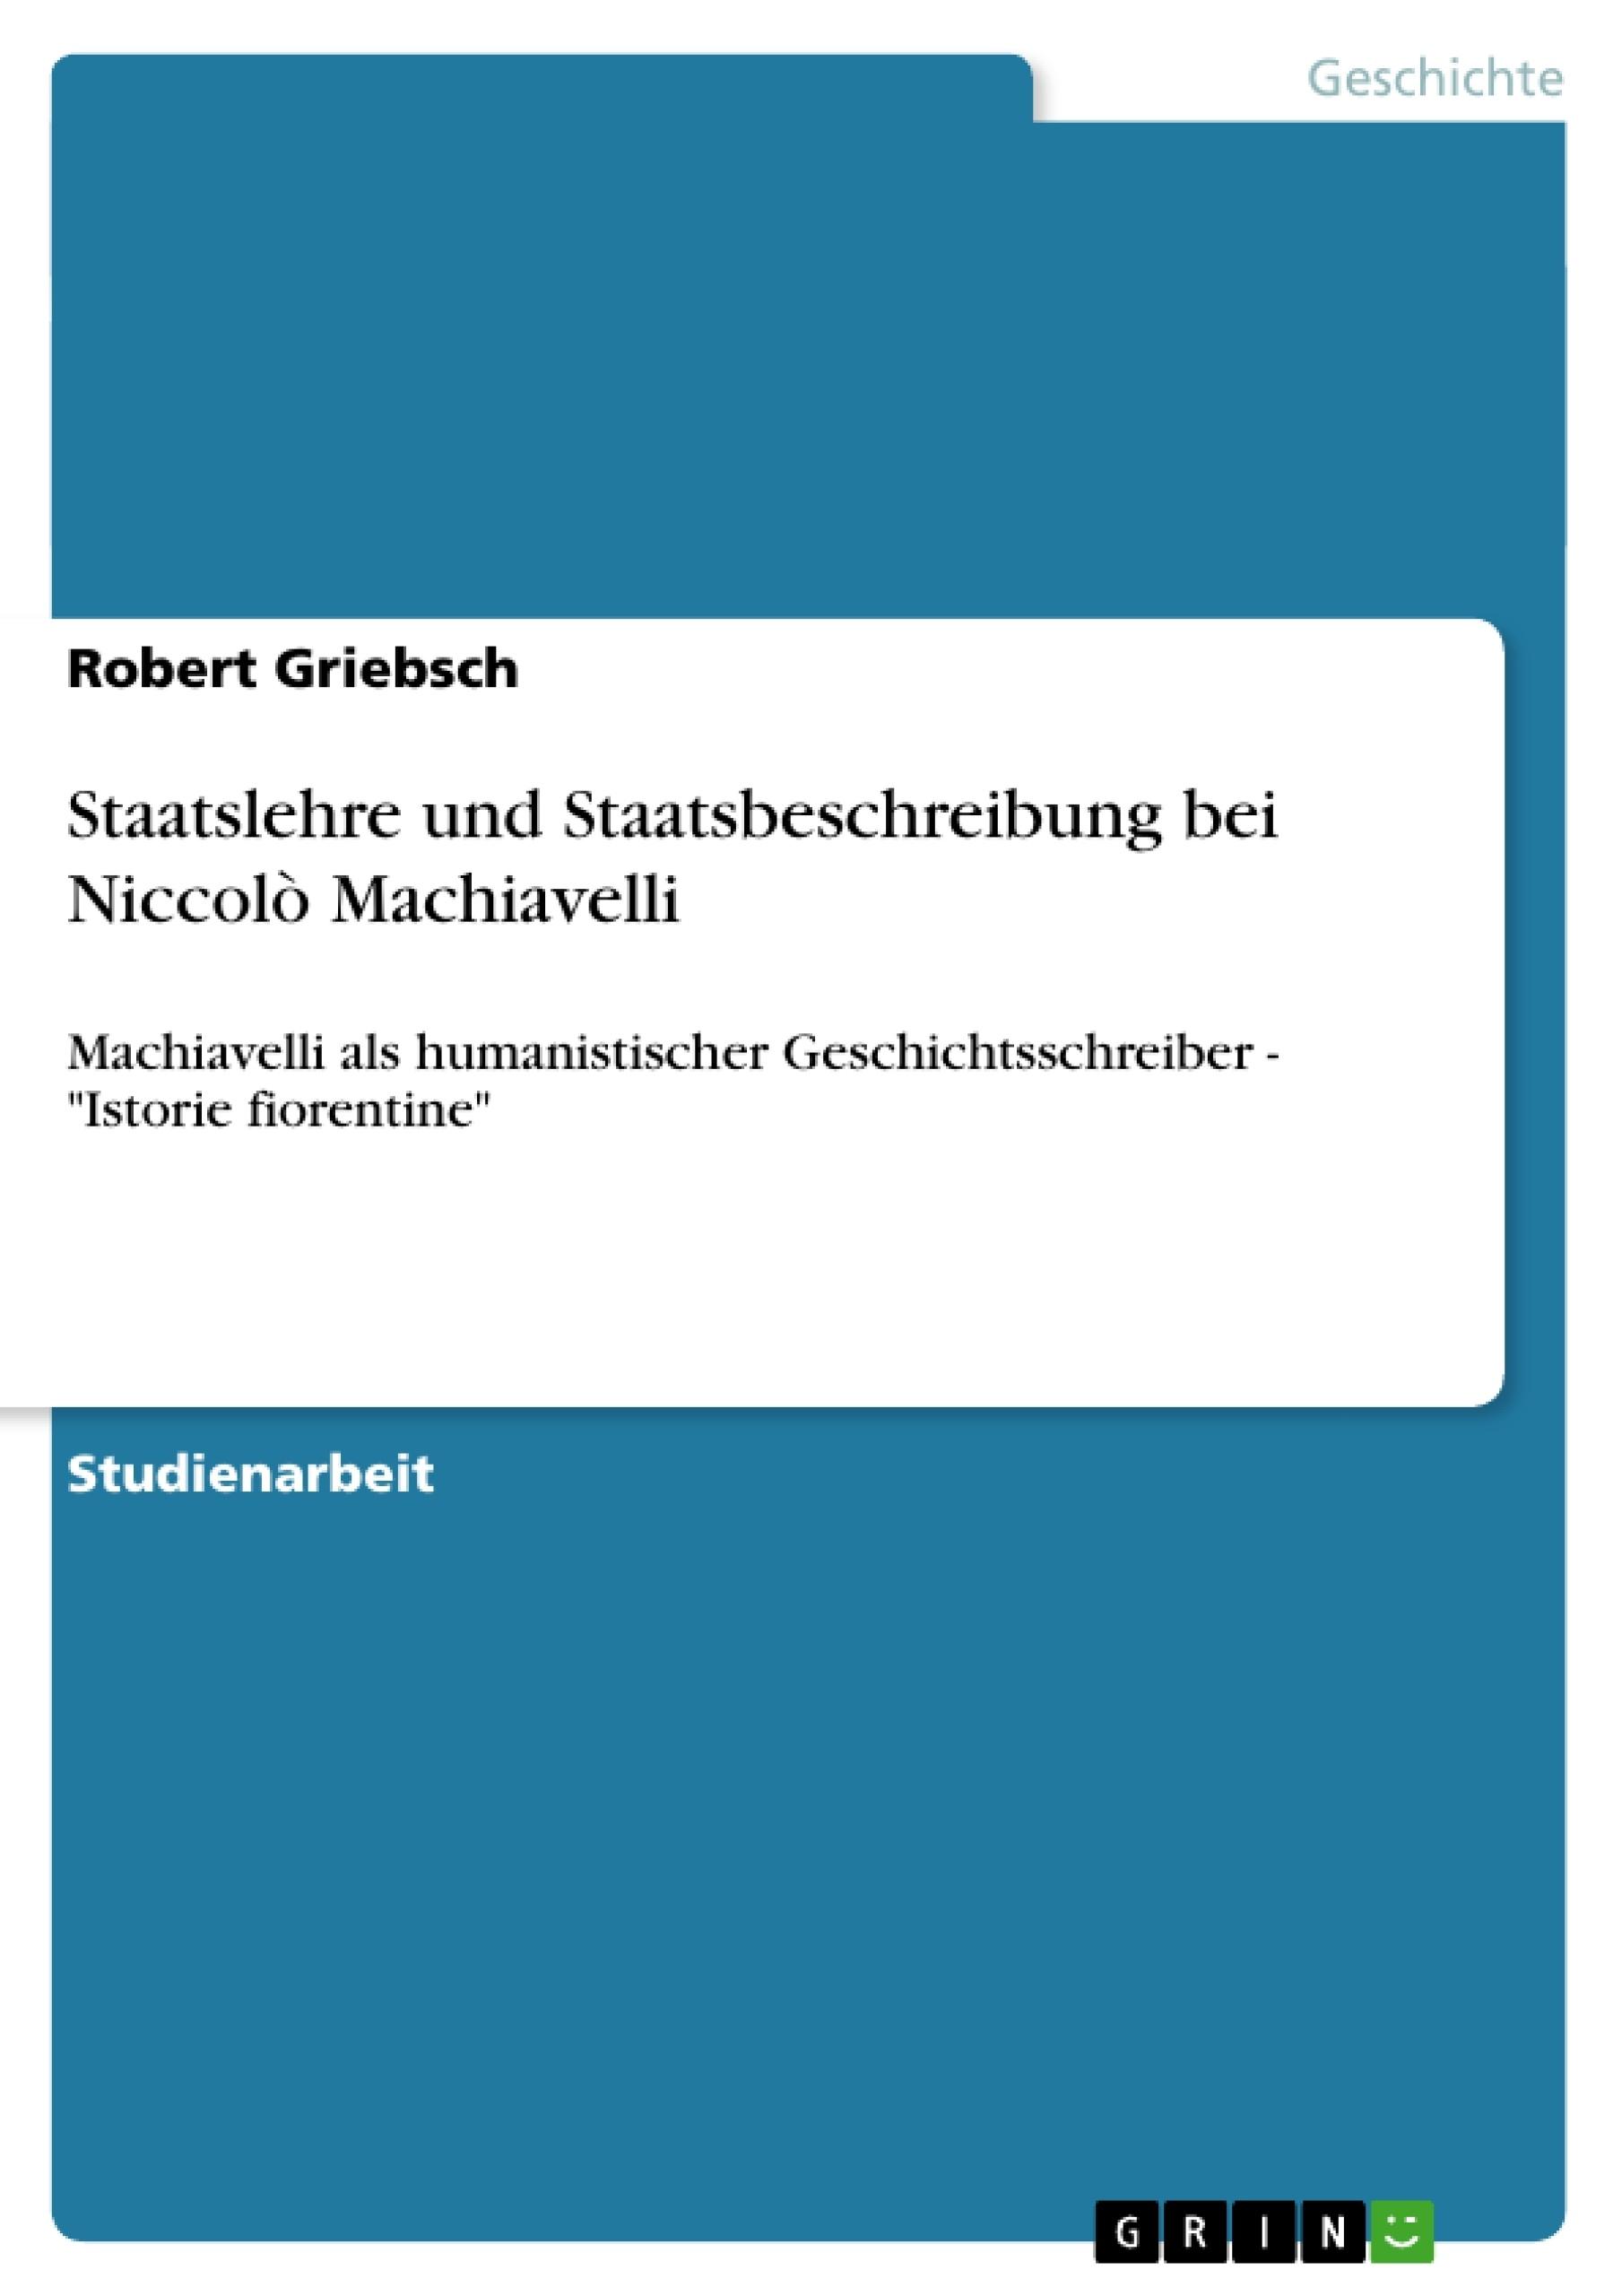 Titel: Staatslehre und Staatsbeschreibung bei Niccolò Machiavelli